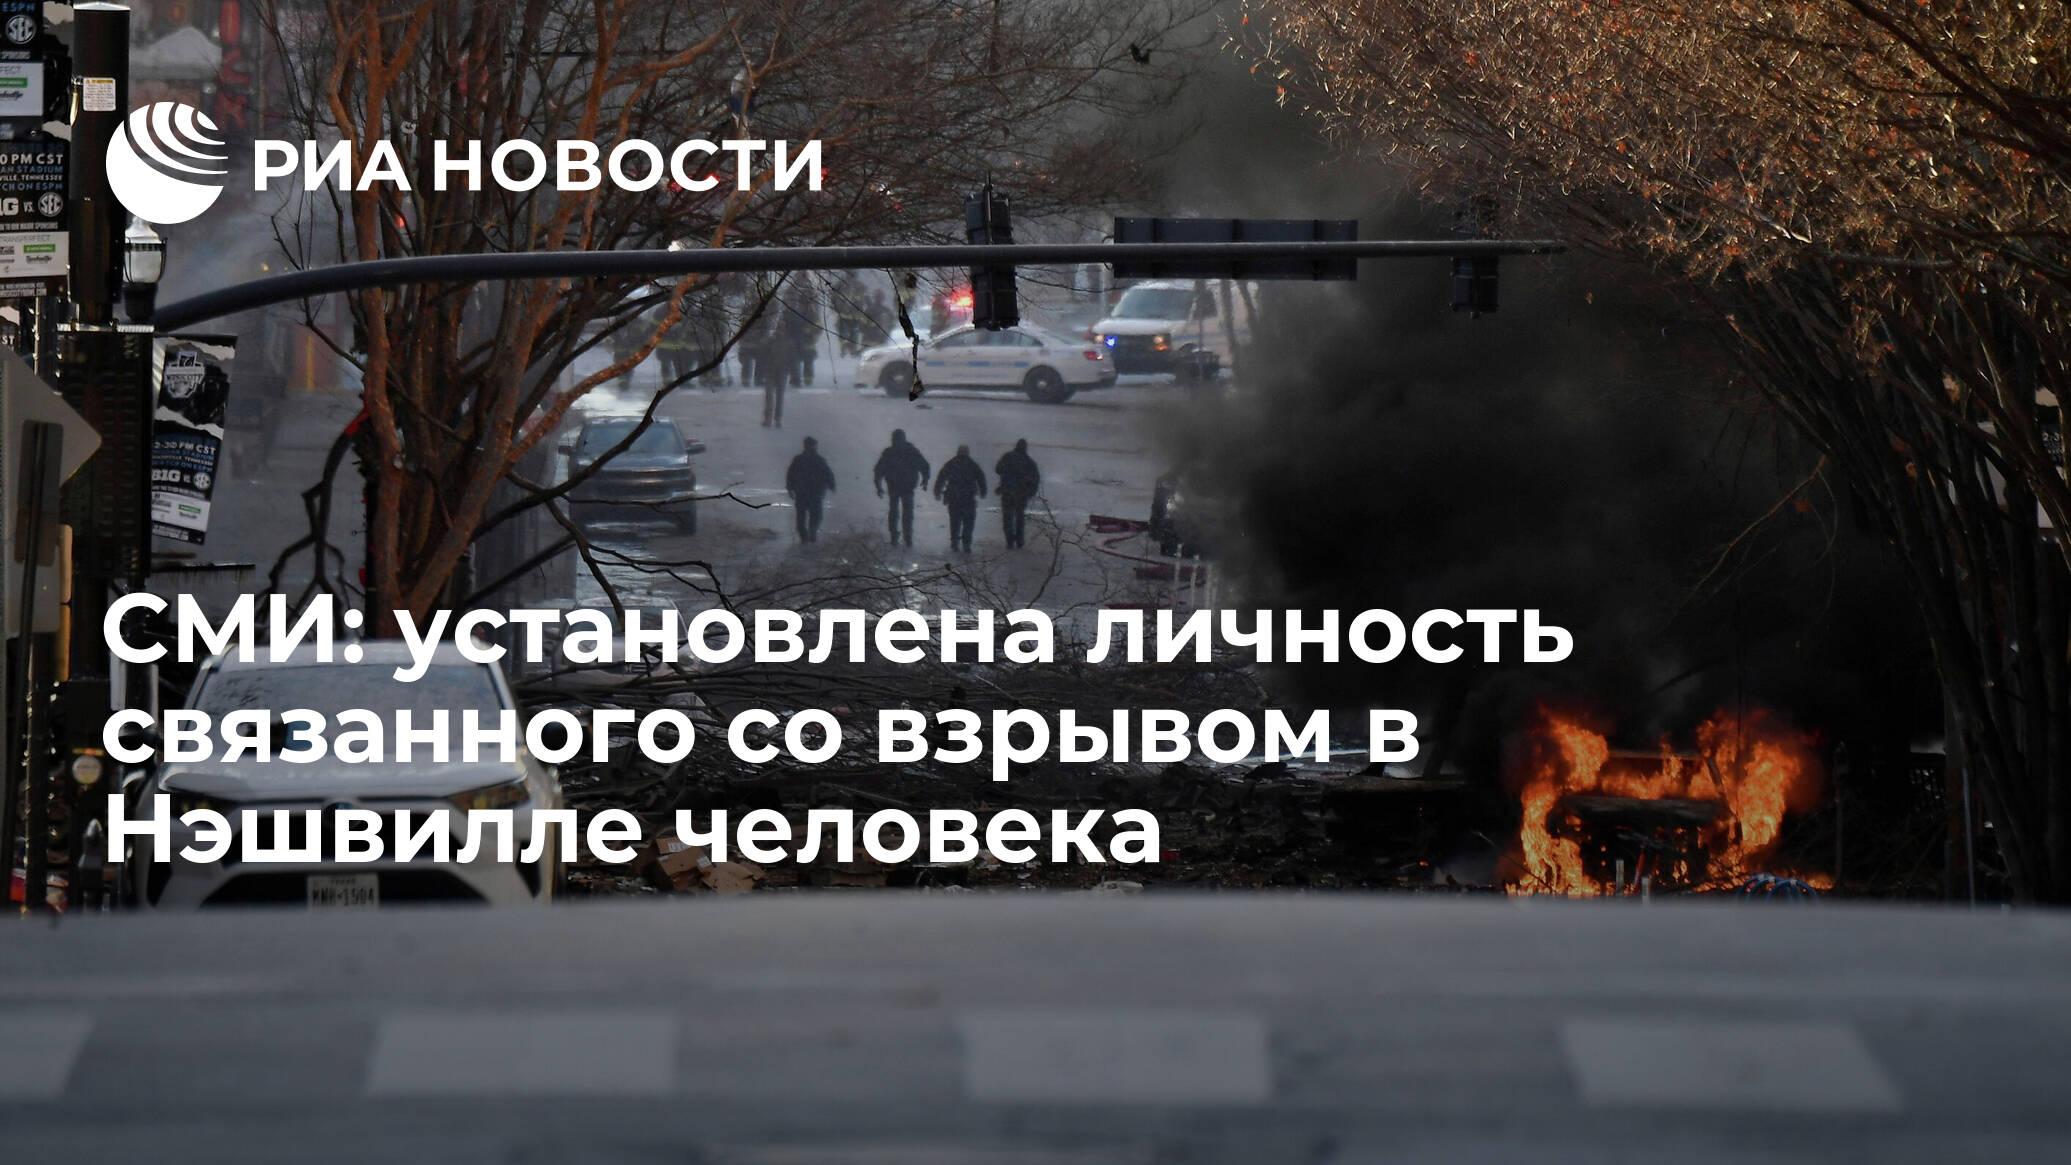 СМИ: установлена личность связанного со взрывом в Нэшвилле человека